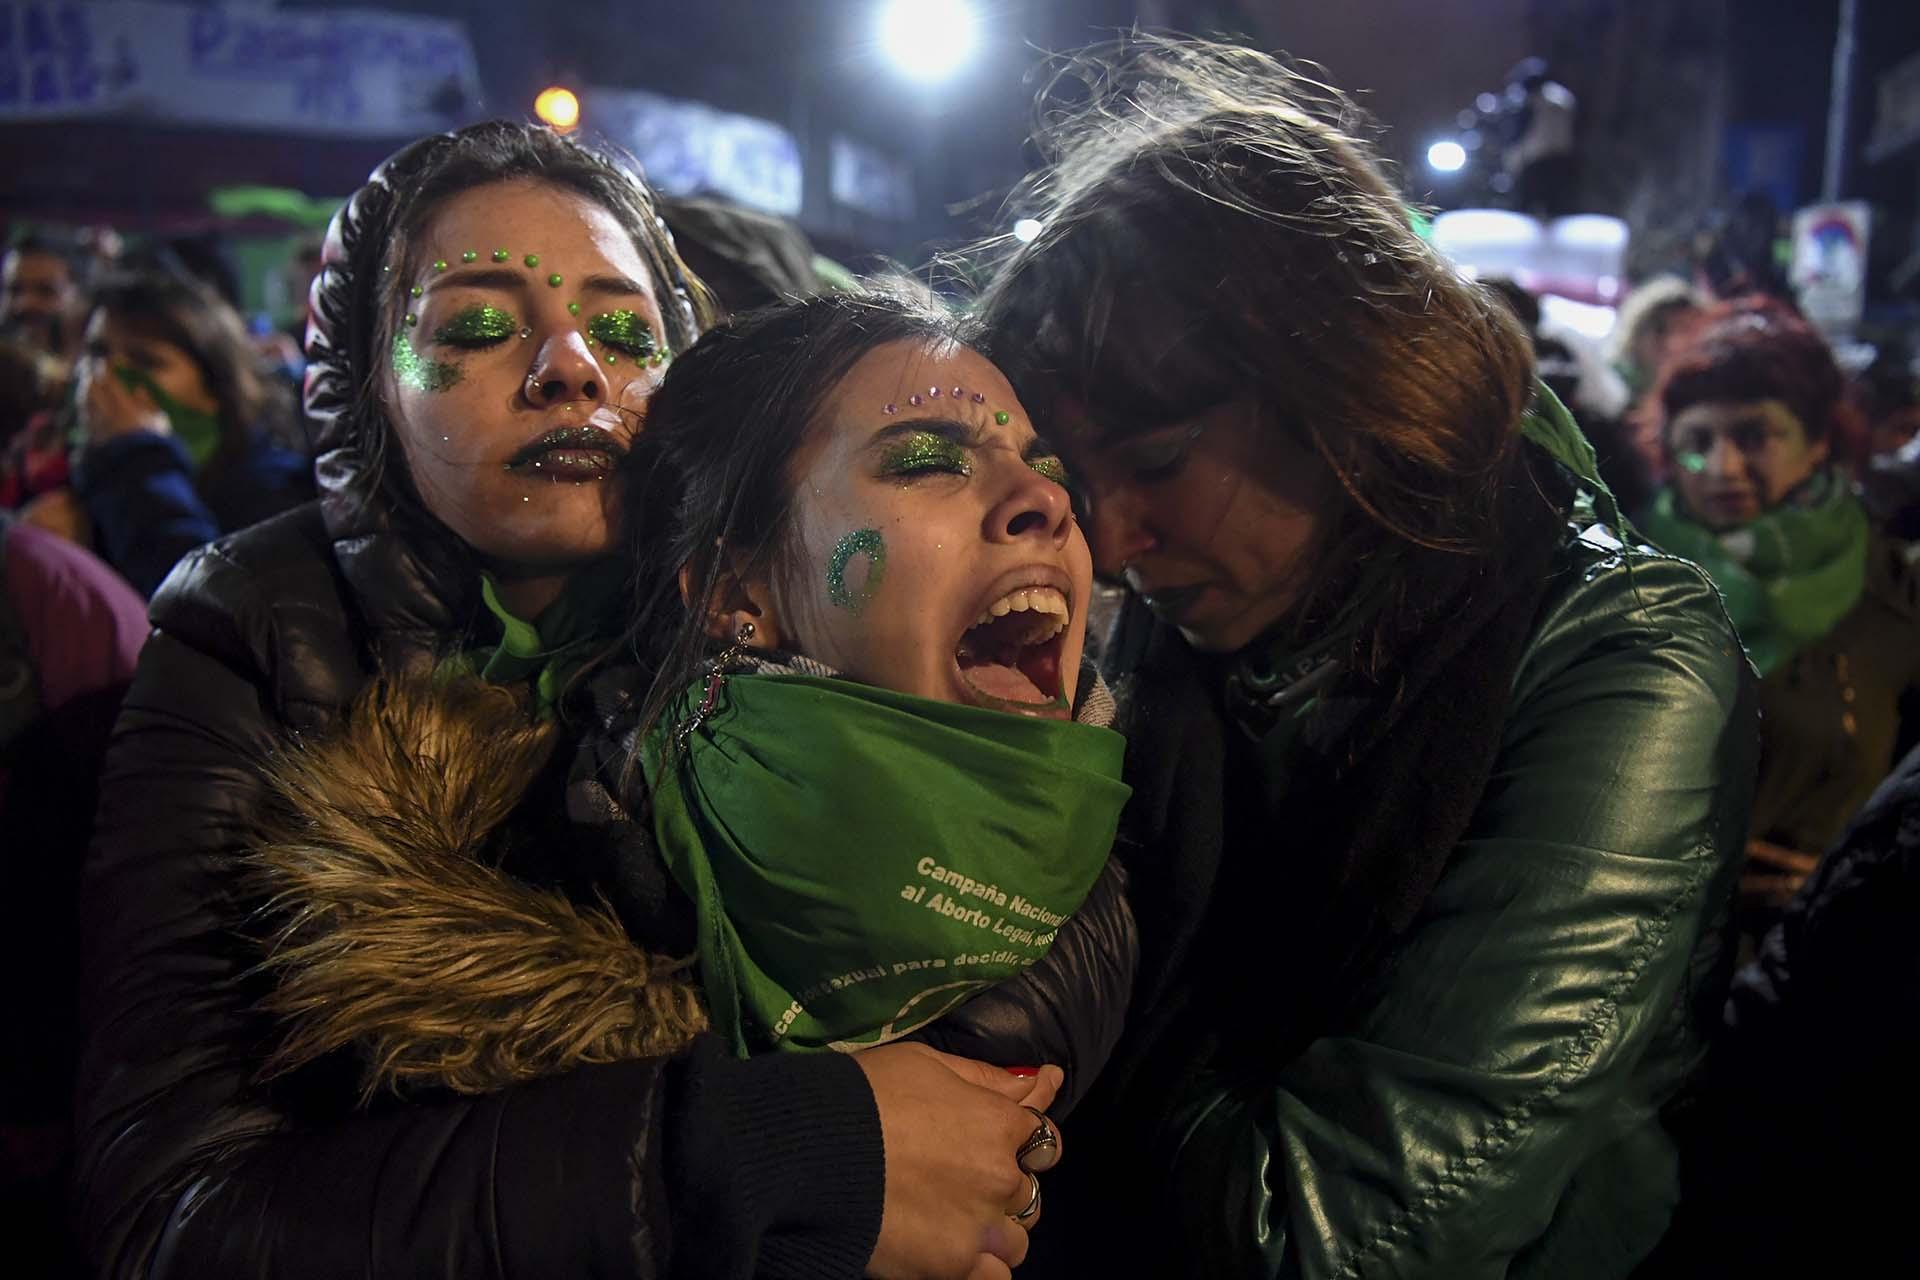 Activistas por la legalización del aborto se lamentan en las inmediaciones del Congreso Nacional en Buenos Aires luego de que el Senado rechazara la iniciativa el 9 de agosto